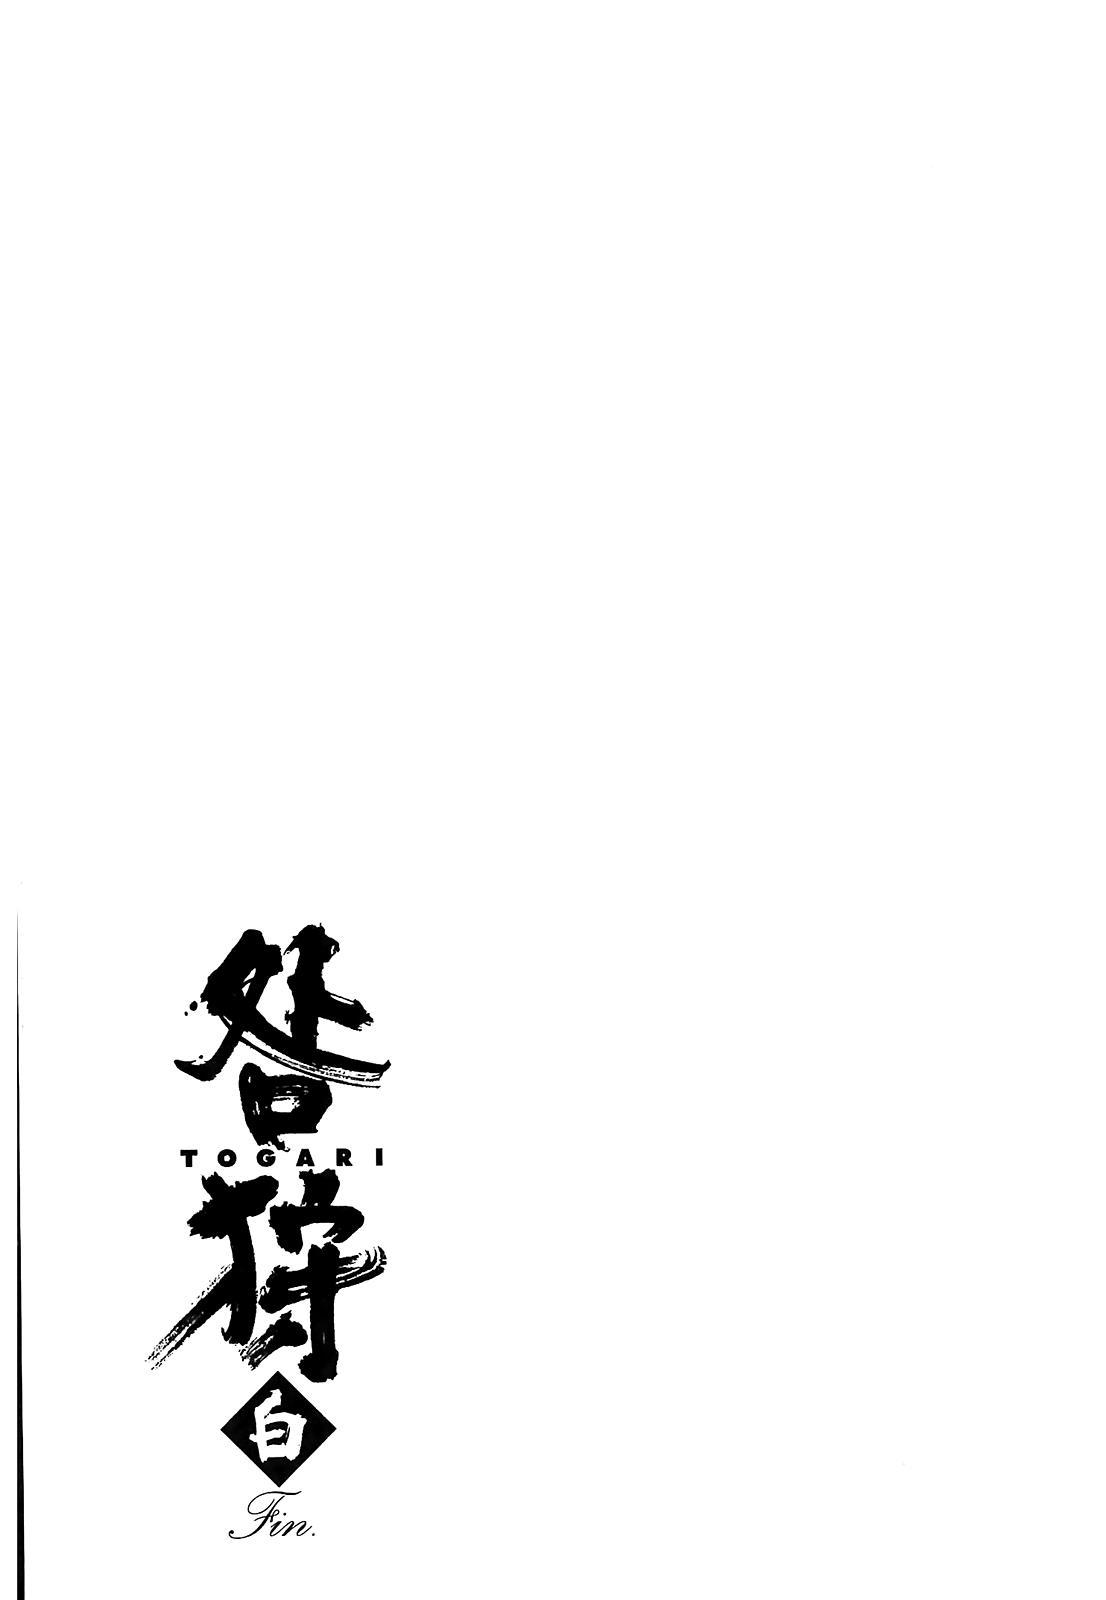 Togari Shiro [Togari Season 2]: Togari shiro chap 18